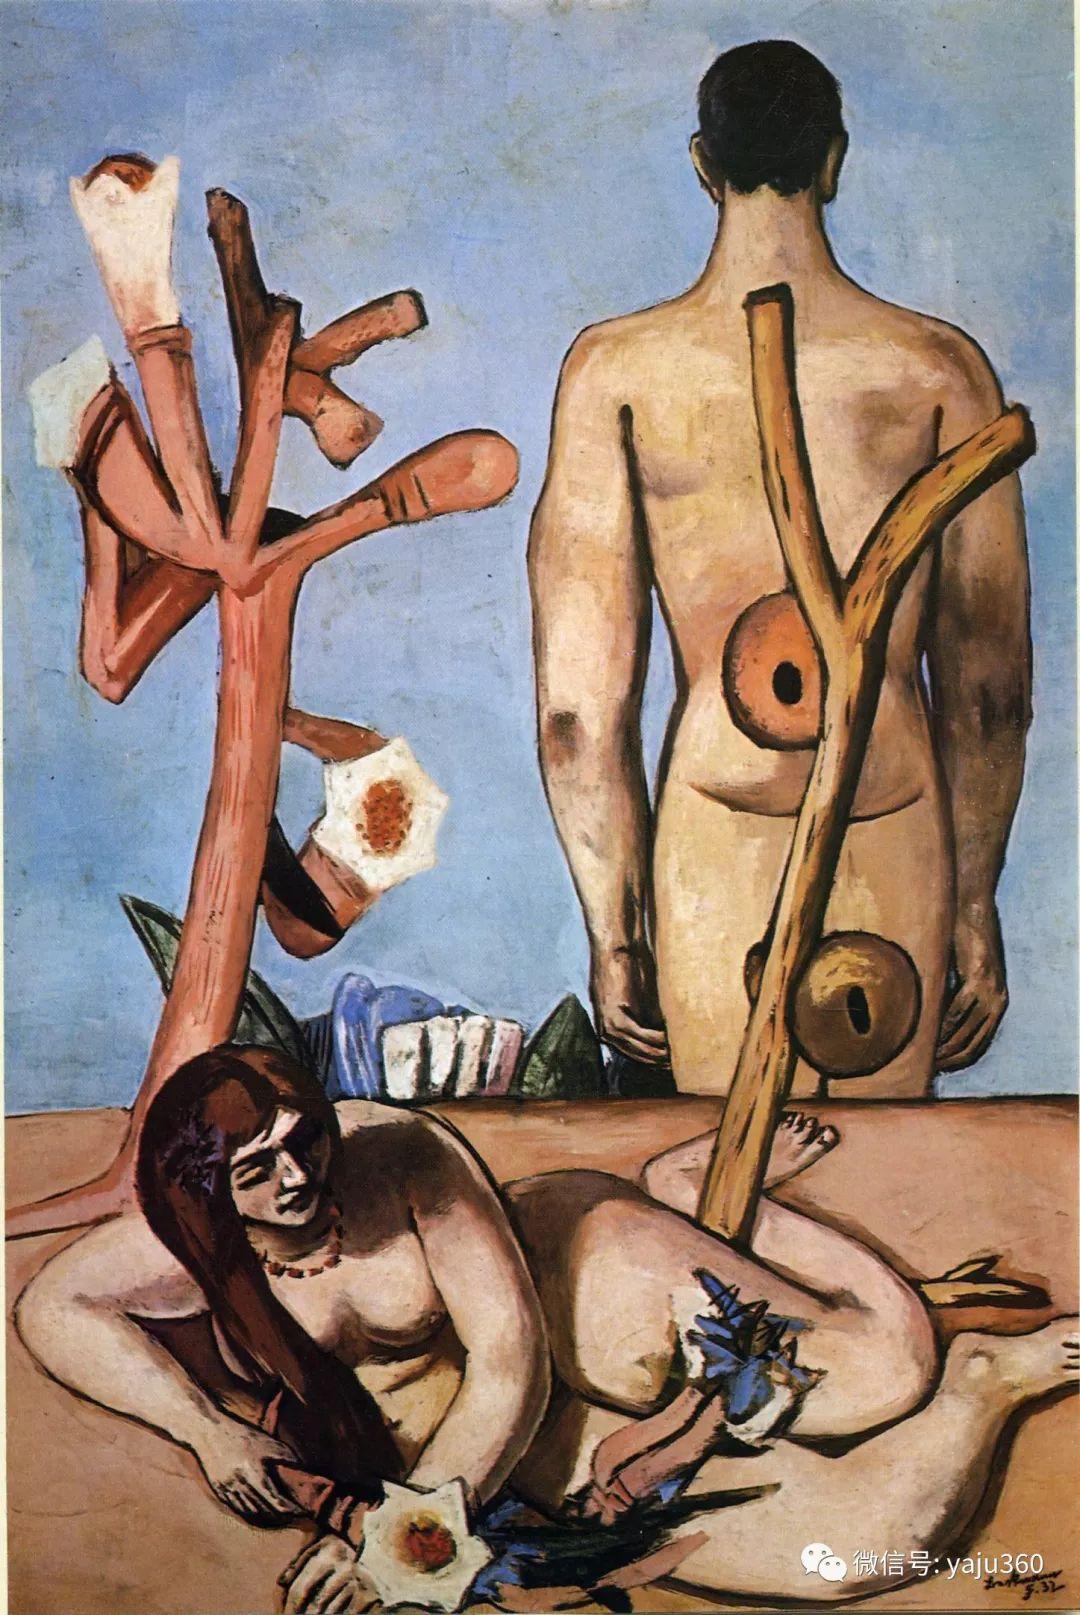 一位不可多得的艺术大师 德国画家Max Beckmann插图35